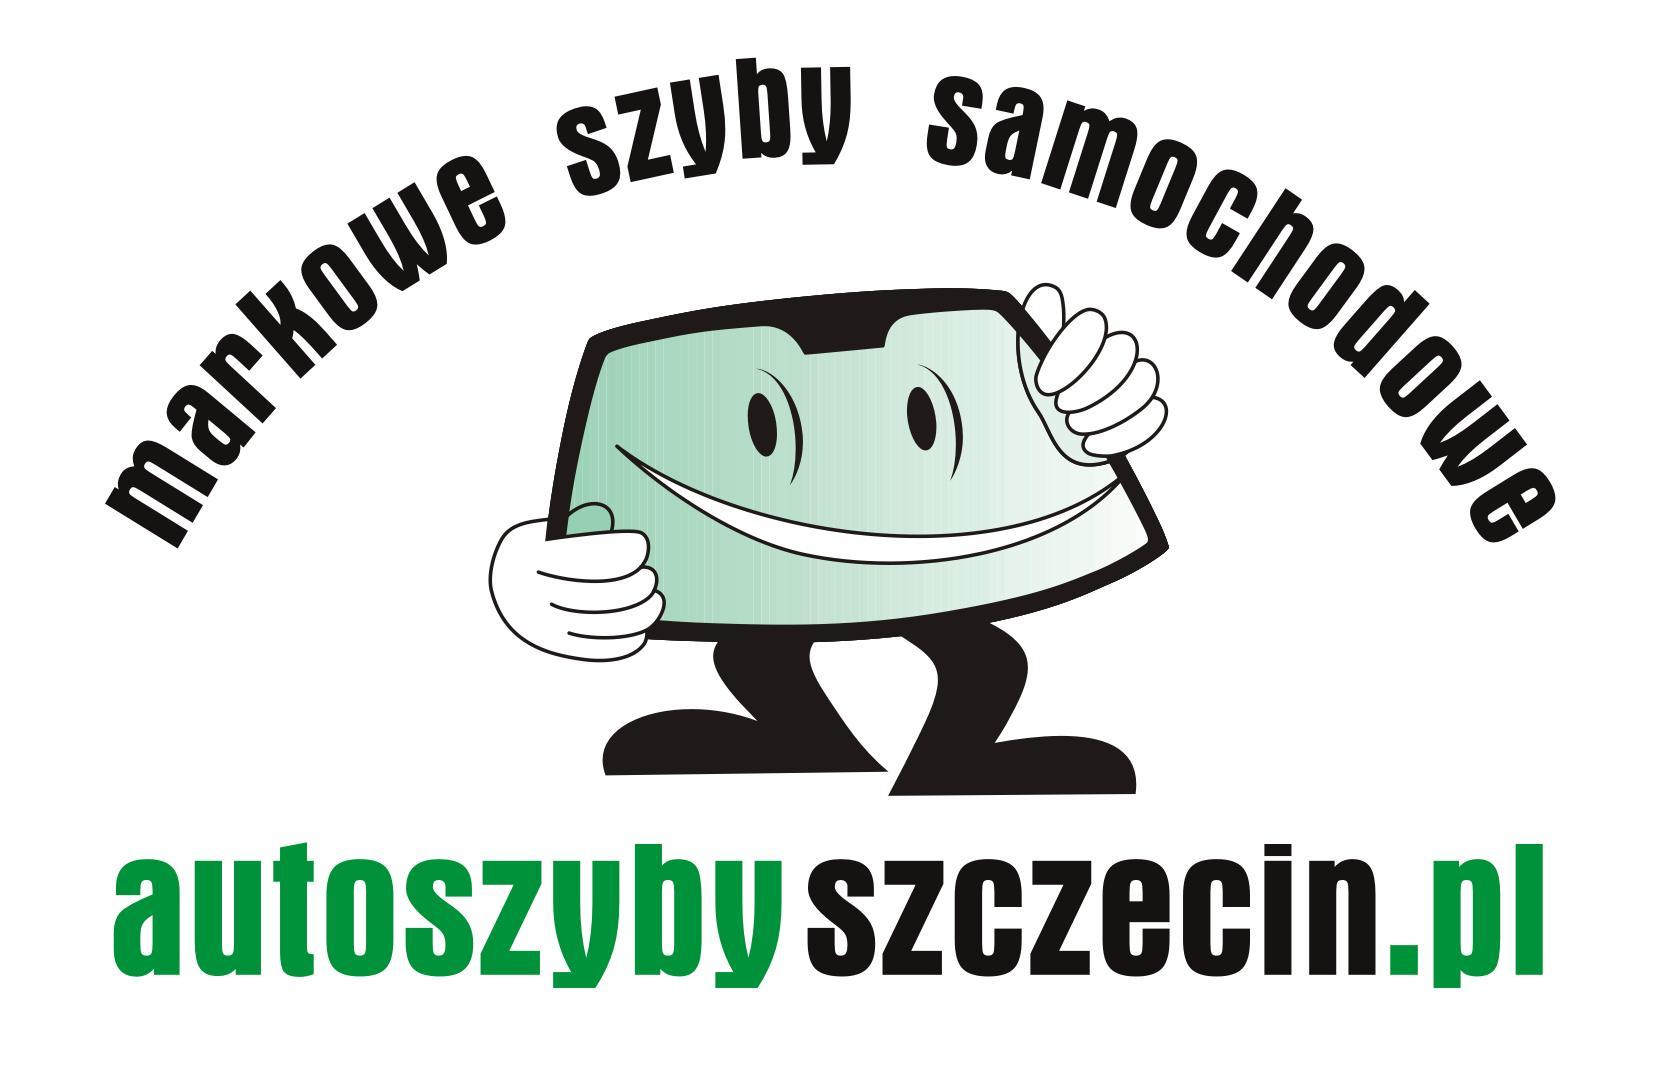 Auto Szyby Szczecin, Szczecin